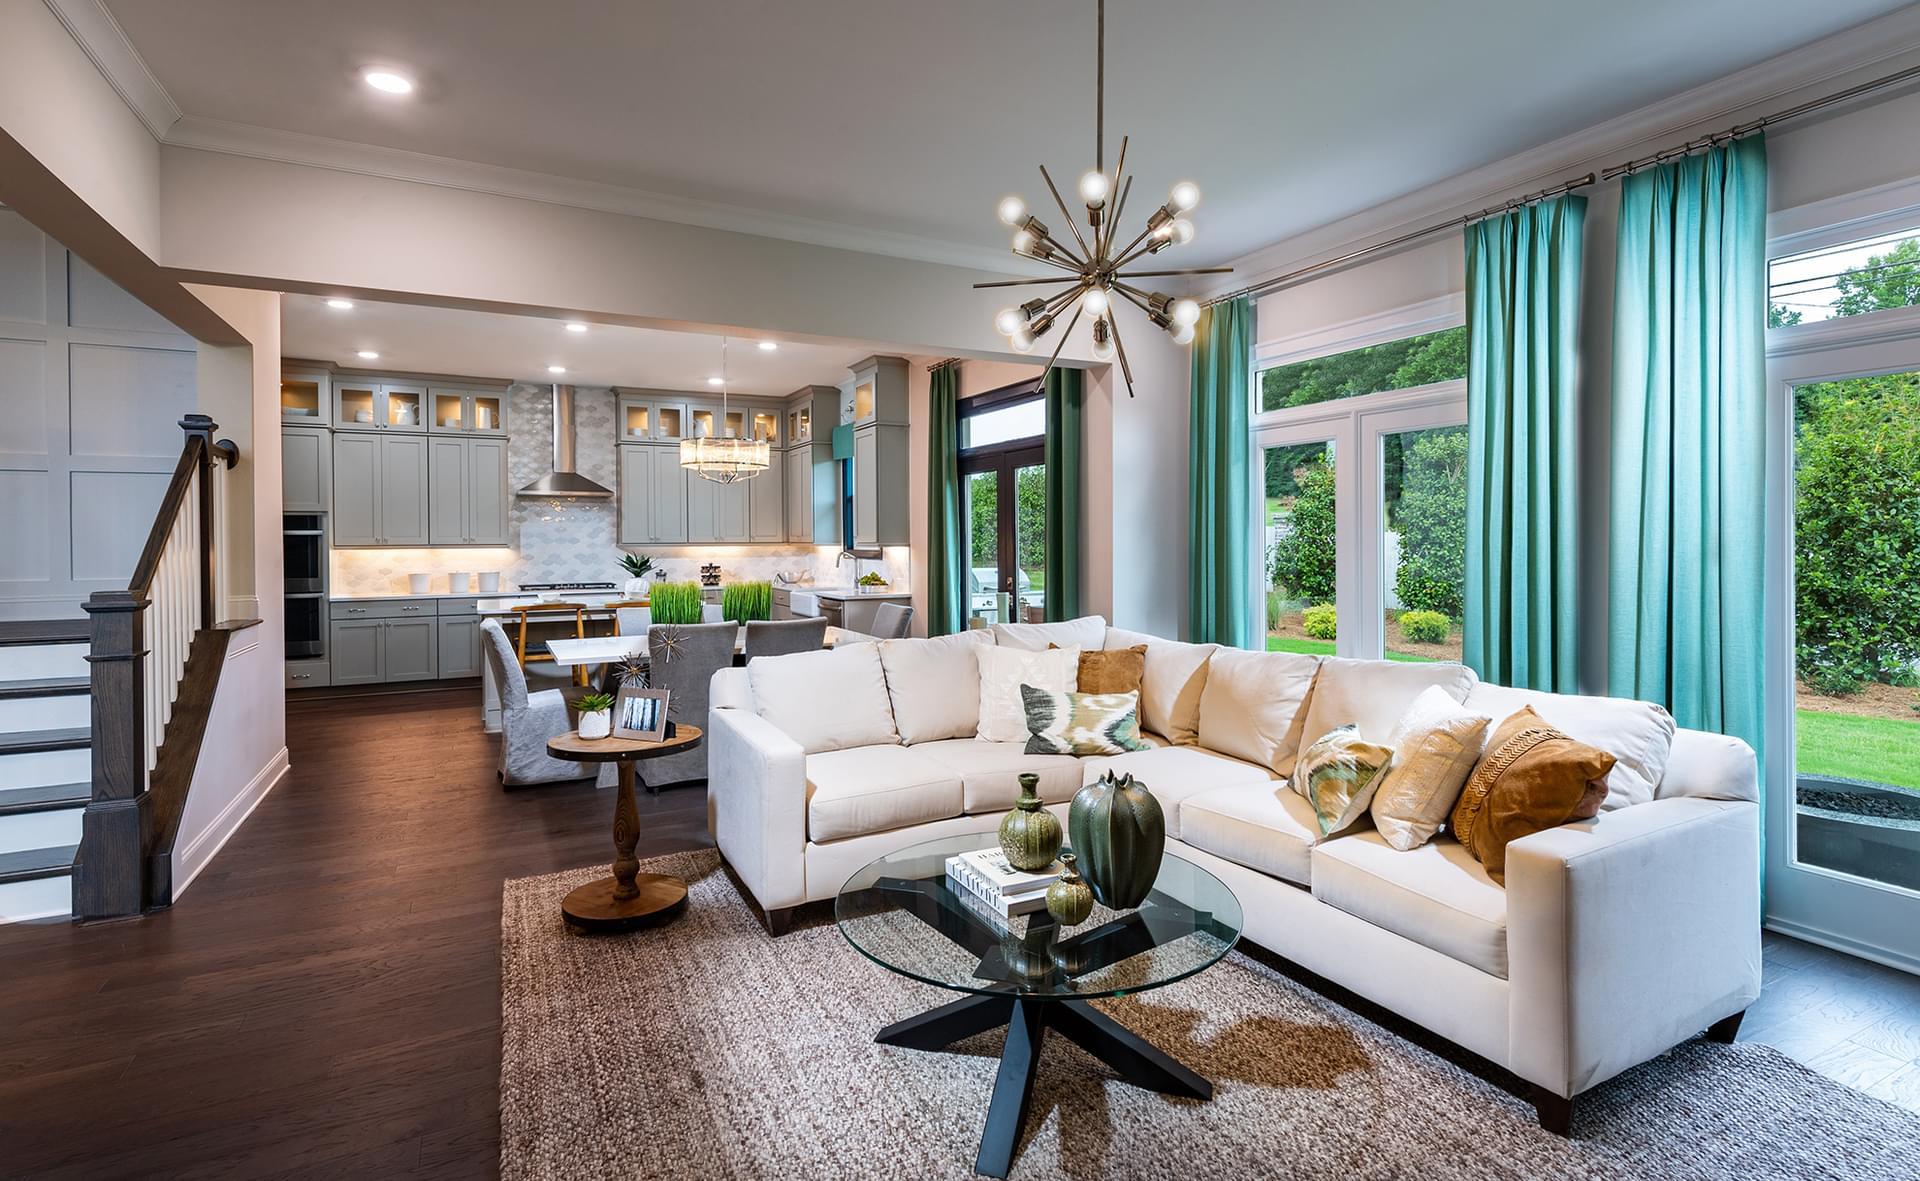 The Montgomery New Home in Alpharetta GA